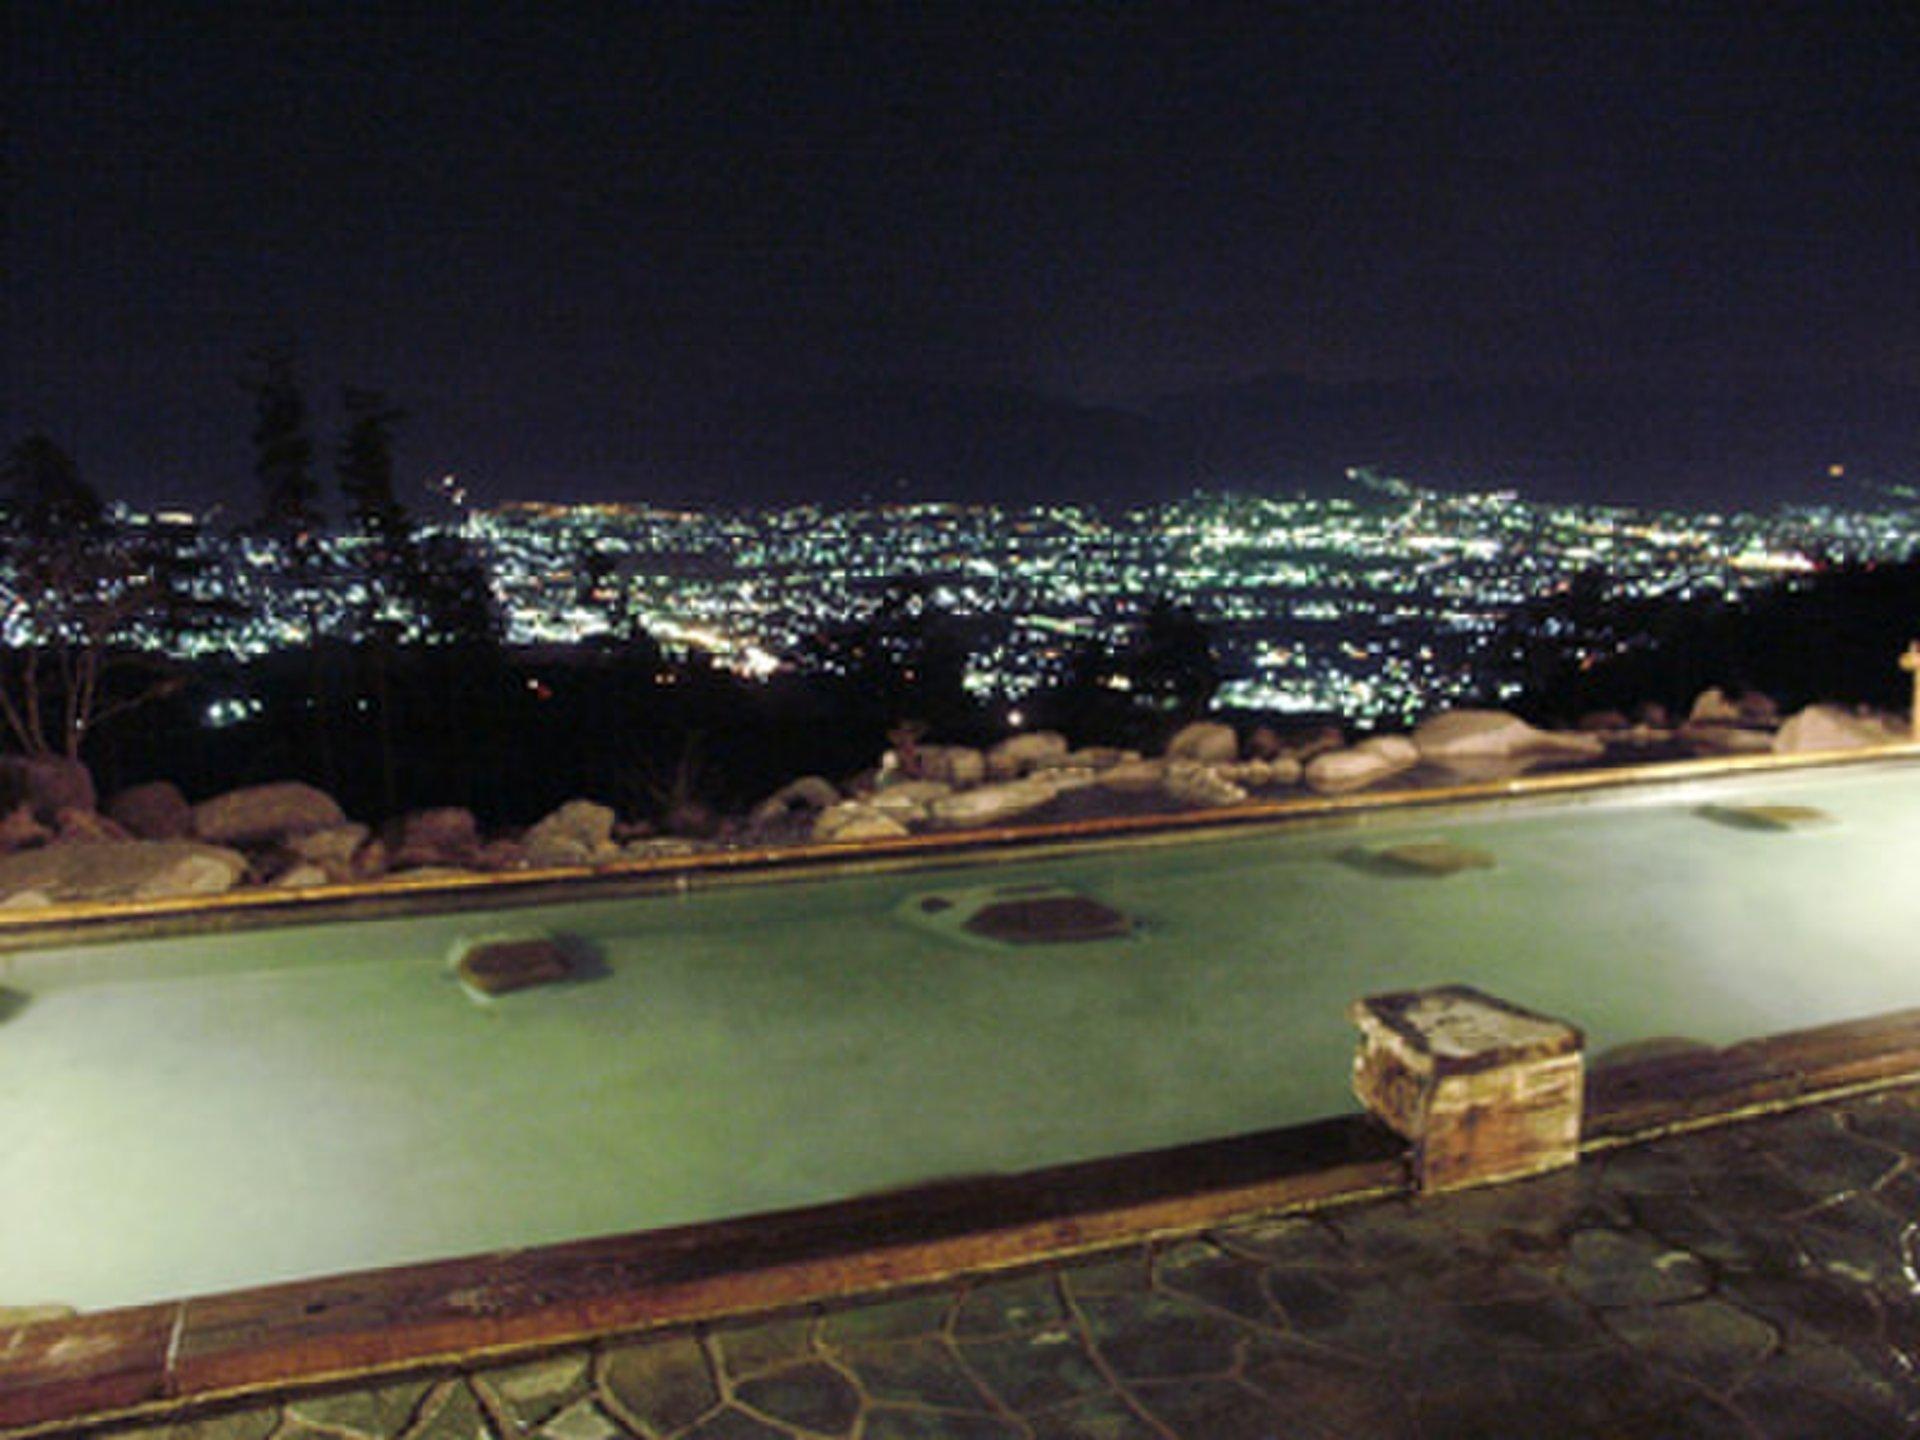 星空が天井の温泉!富士山を眺めながら温泉に入れる最高の癒しスポット「ほったらかし温泉」